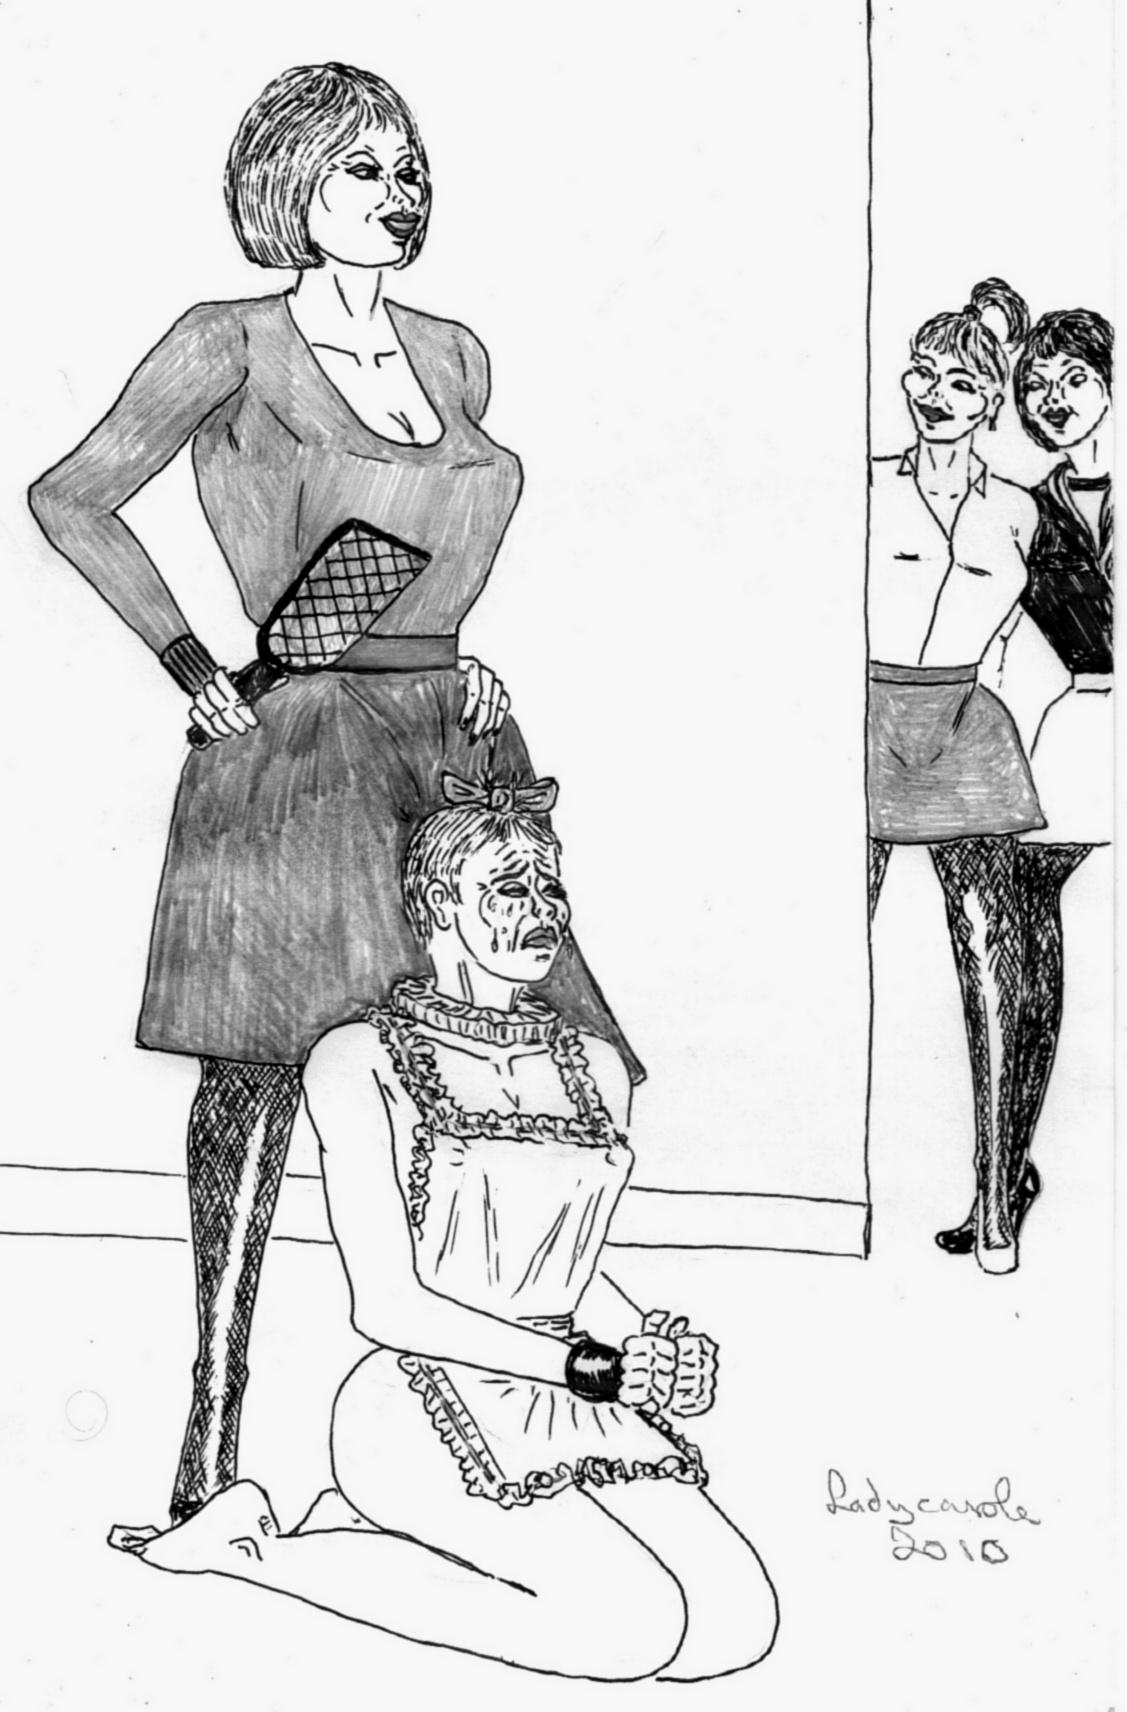 Lady carole bondage images-3263